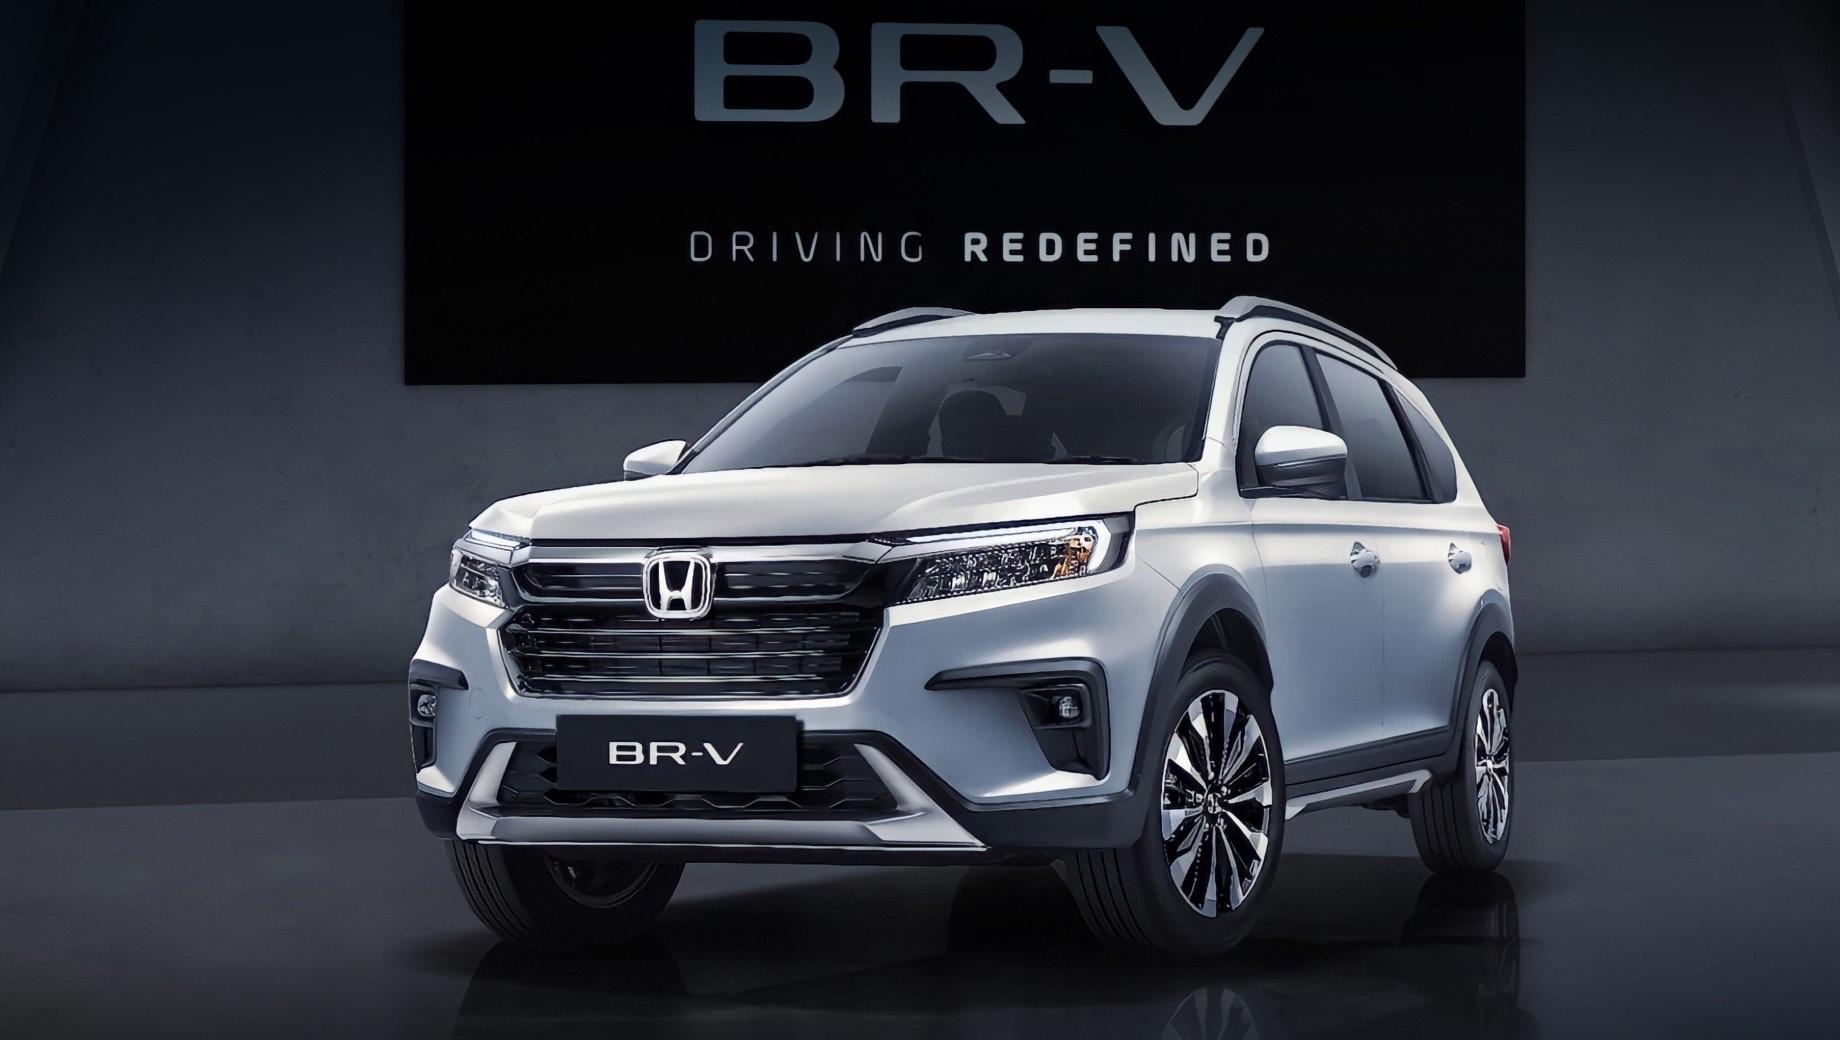 Honda br-v. Новый кузов выделяется отсутствием диагональных выштамповок на боках, которыми с 2016-го смущала «первая» BR-V (DG1/2). Новая платформа вроде бы досталась паркетнику от «второго» седана Amaze (DF5/6) и подразумевает стойки McPherson с полузависимой балкой. Клиренс — 220 мм.